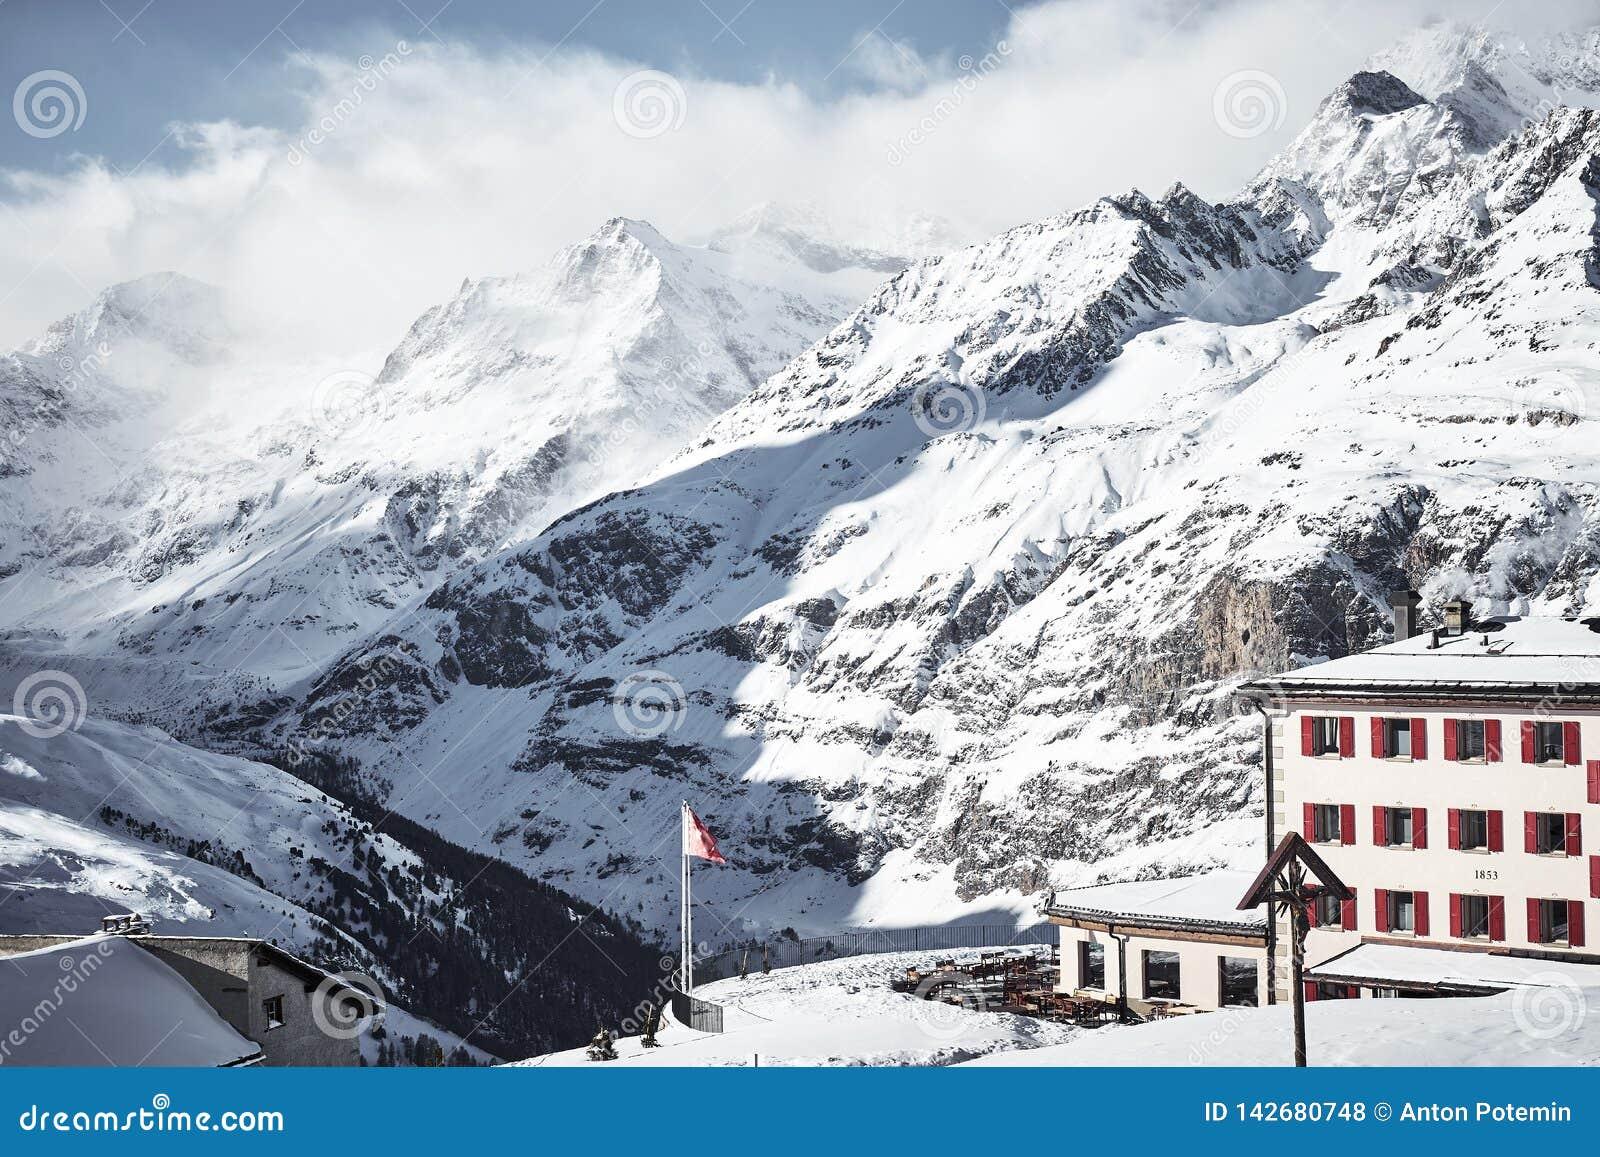 Casa alpina nas montanhas altas cobertas por nuvens